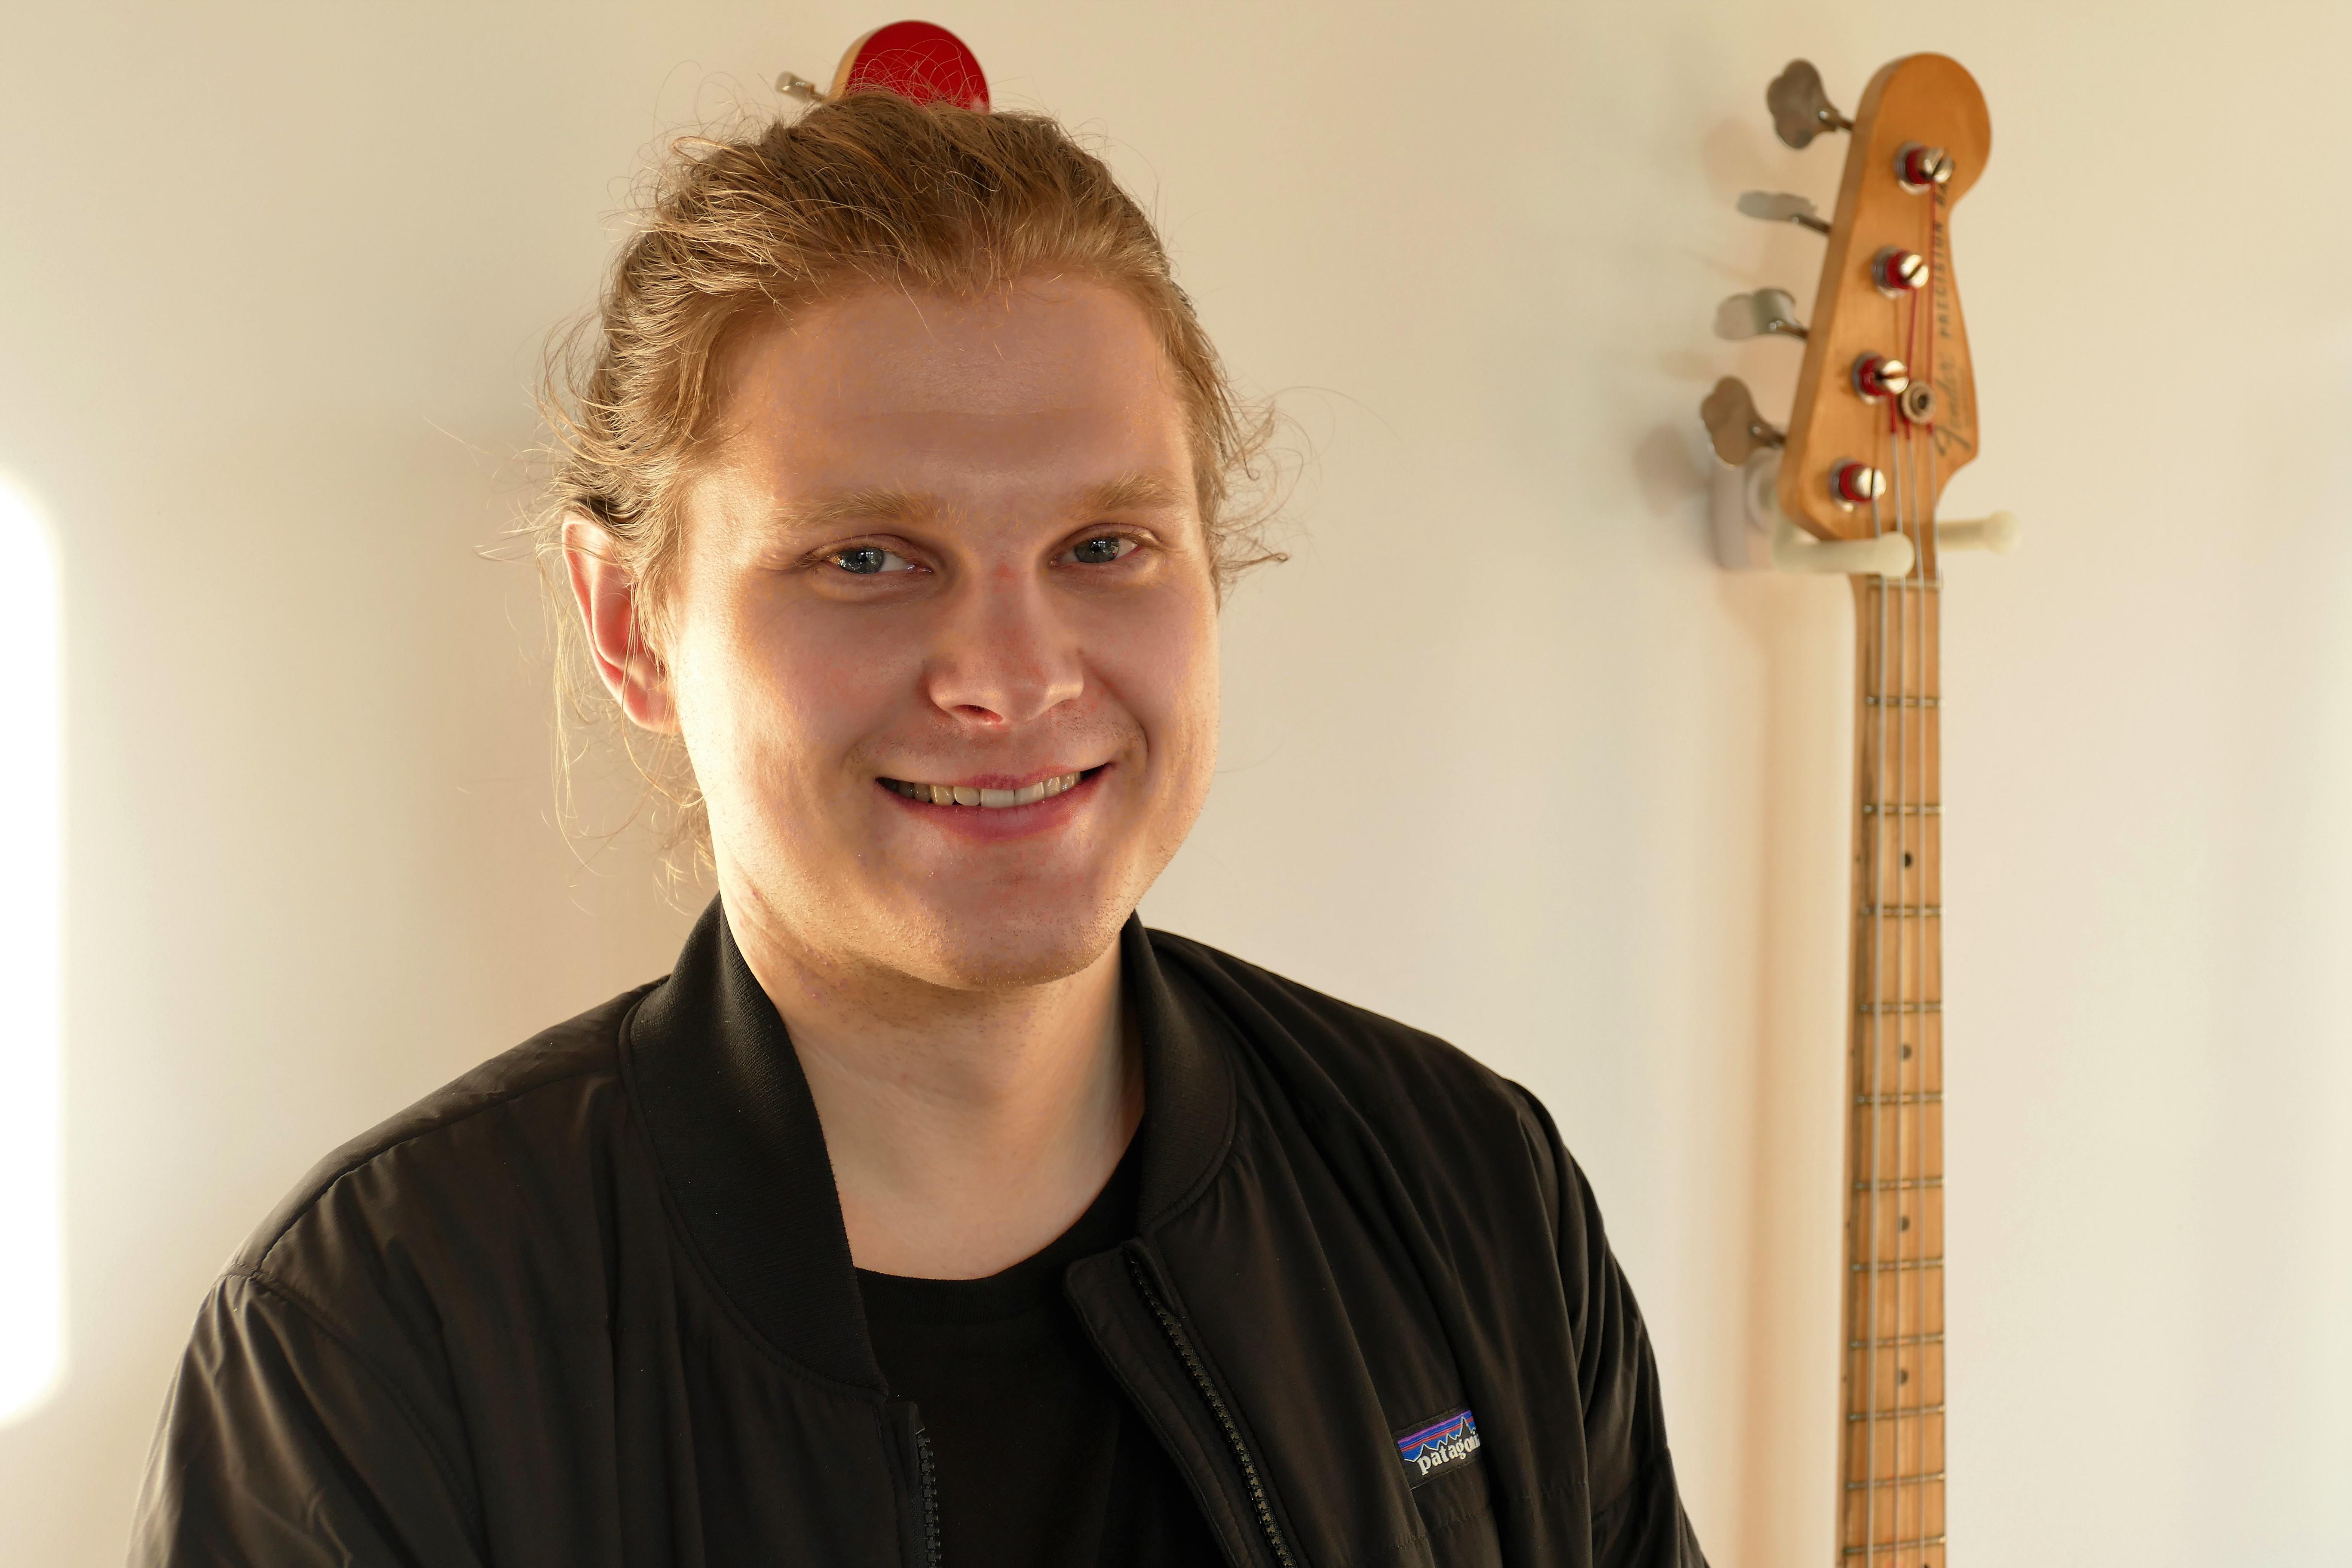 Axel Ehnström